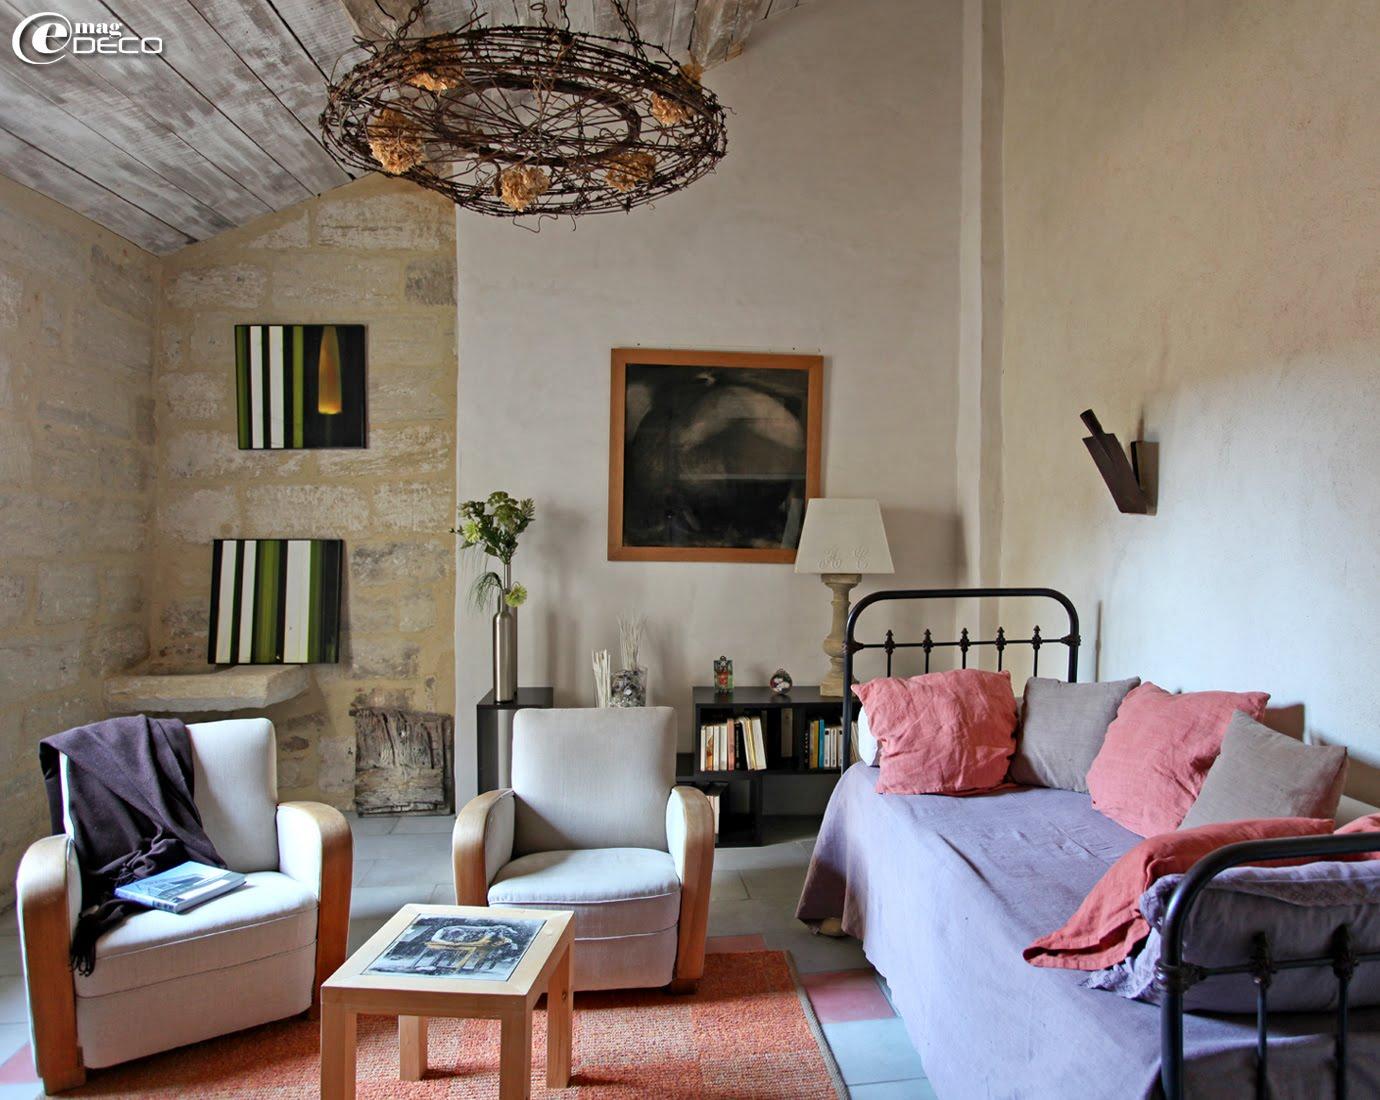 Dans le salon de Chantal Lessieu, décoratrice à Uzès, un ancien lit en fer se transforme en canapé et une vieille bêche rouillée, chinée aux Puces d'Anduze, se détourne en applique